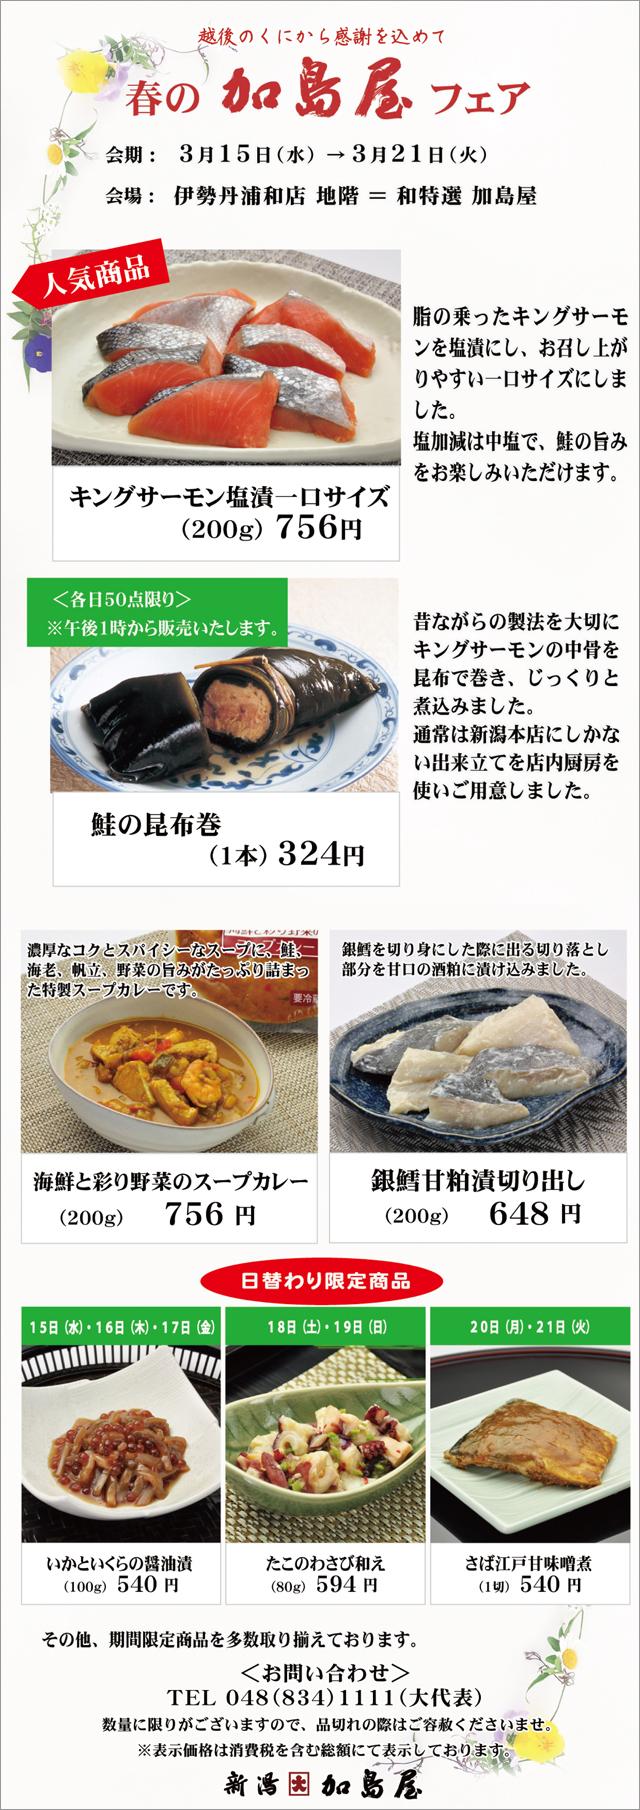 伊勢丹浦和店「春の加島屋フェア」